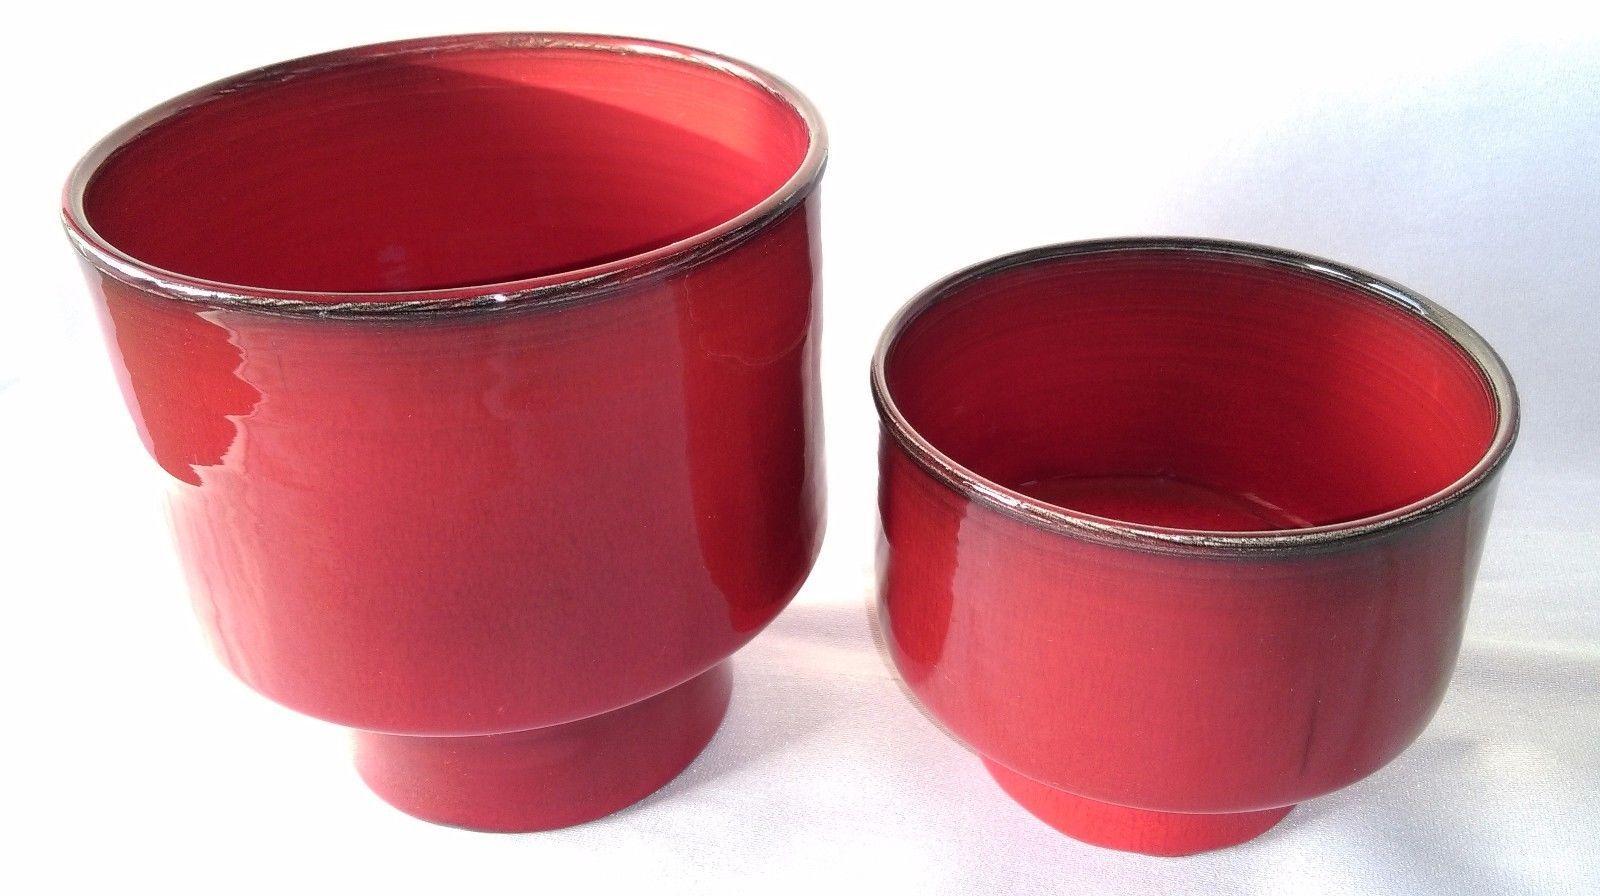 Details Sur 2 Pots En Ceramique 50 Superbe Email Rouge Signature Sous La Base A Identifier Pots En Ceramique Ceramique Et Pots